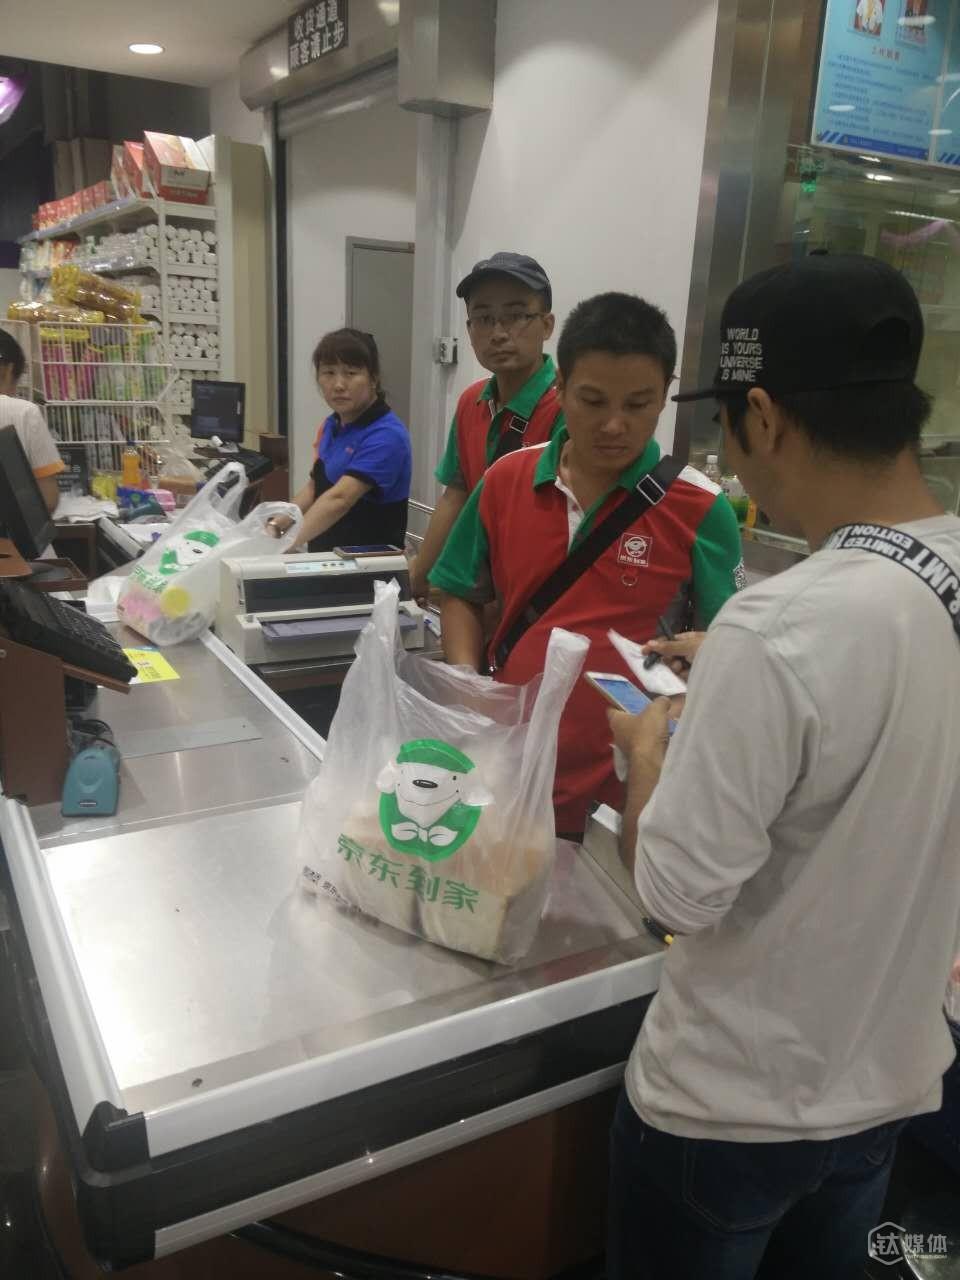 众包物流员在商家验证二维码取货